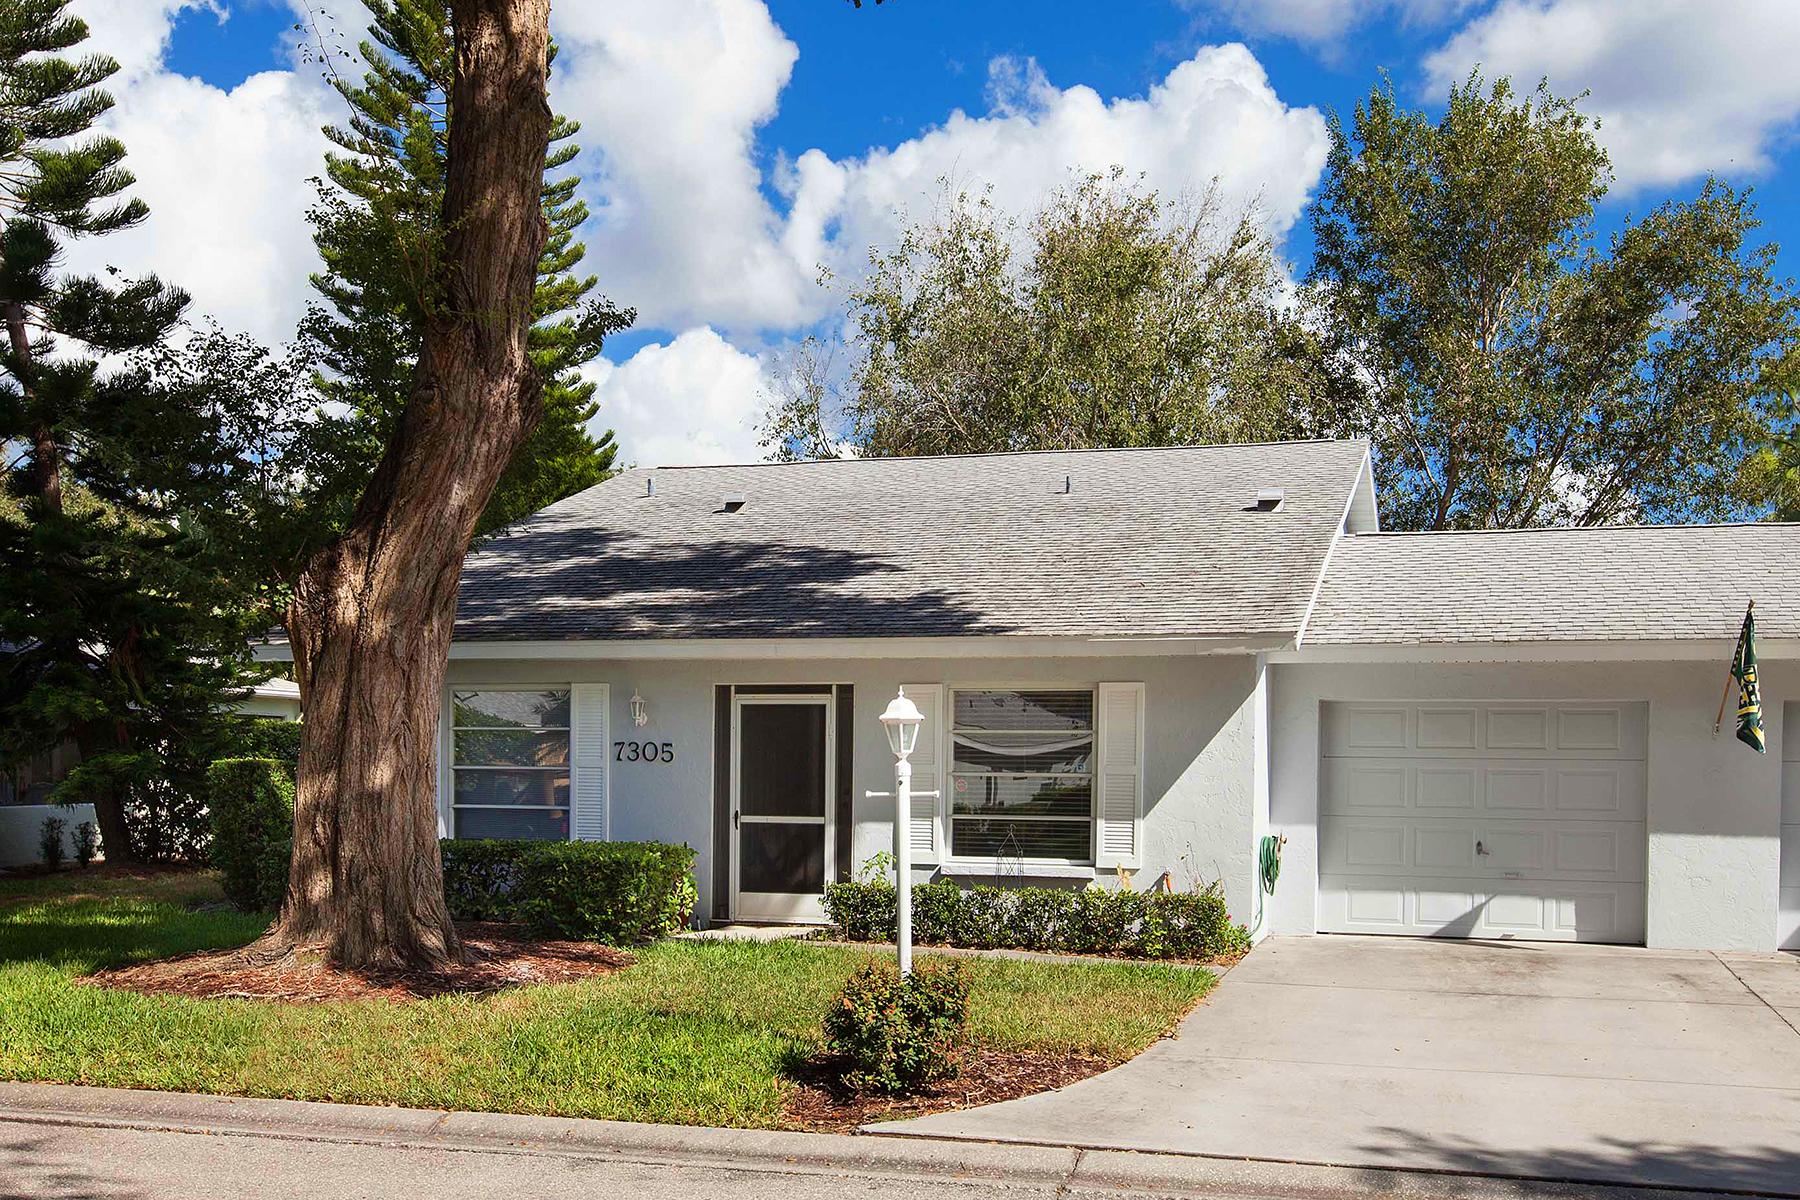 联栋屋 为 销售 在 PINEHURST 7305 Eleanor Cir 萨拉索塔, 佛罗里达州 34243 美国